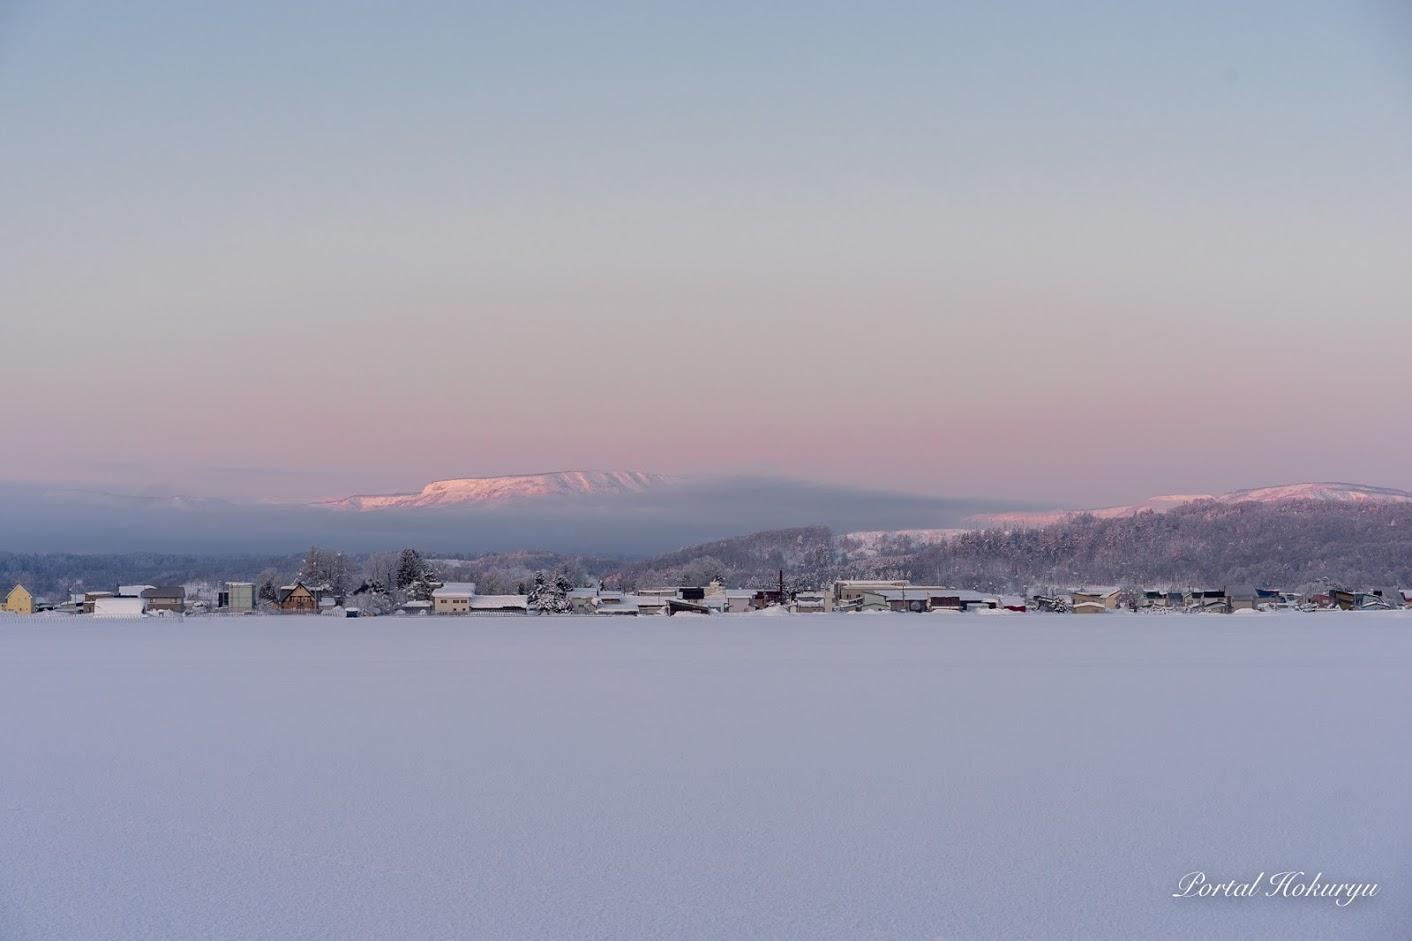 淡いピンク色に染まる恵岱岳